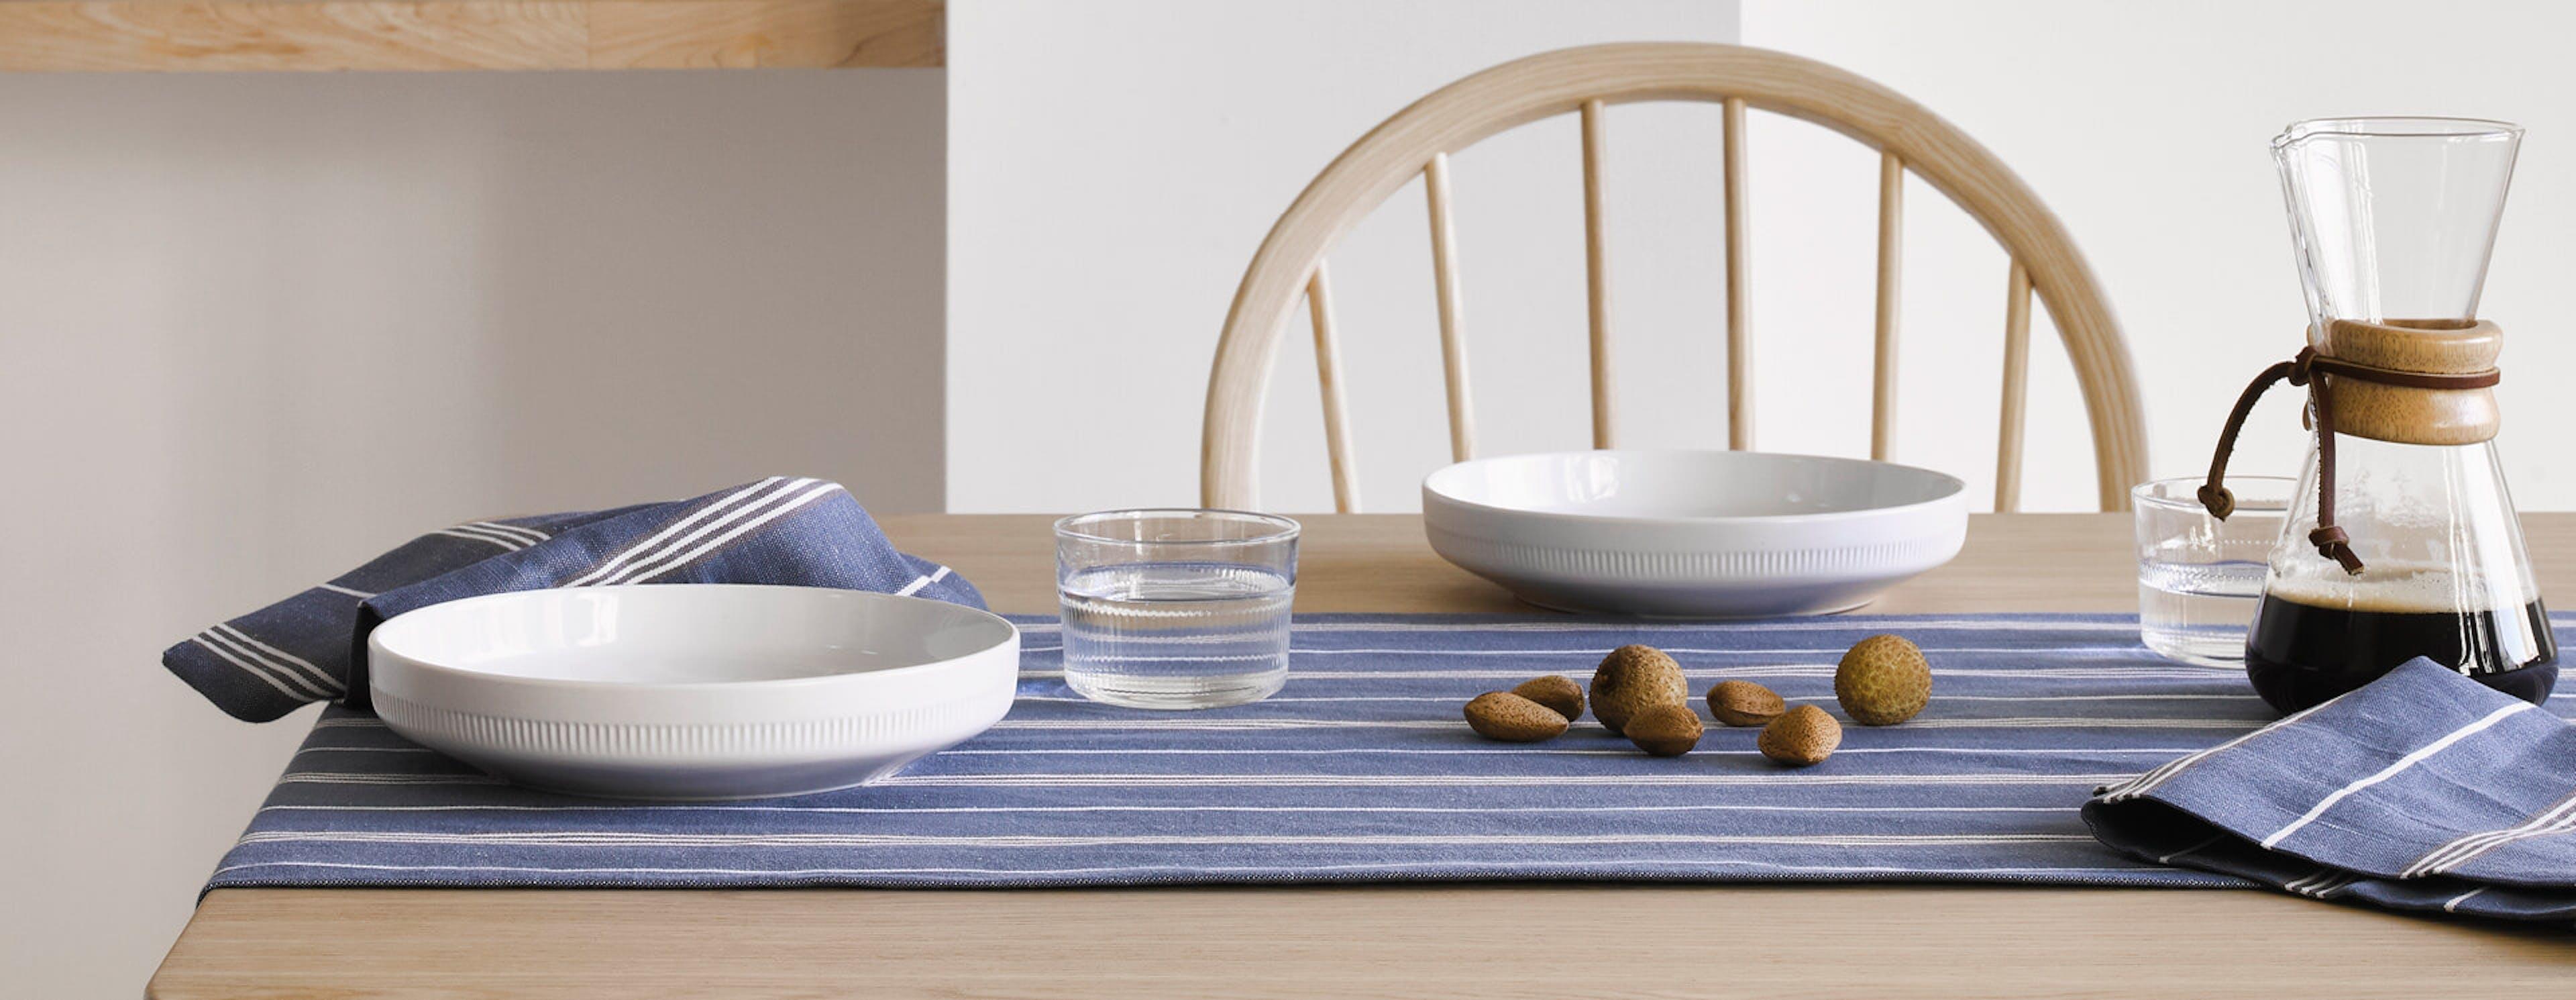 MARC O'POLO tafel- en keukentextiel